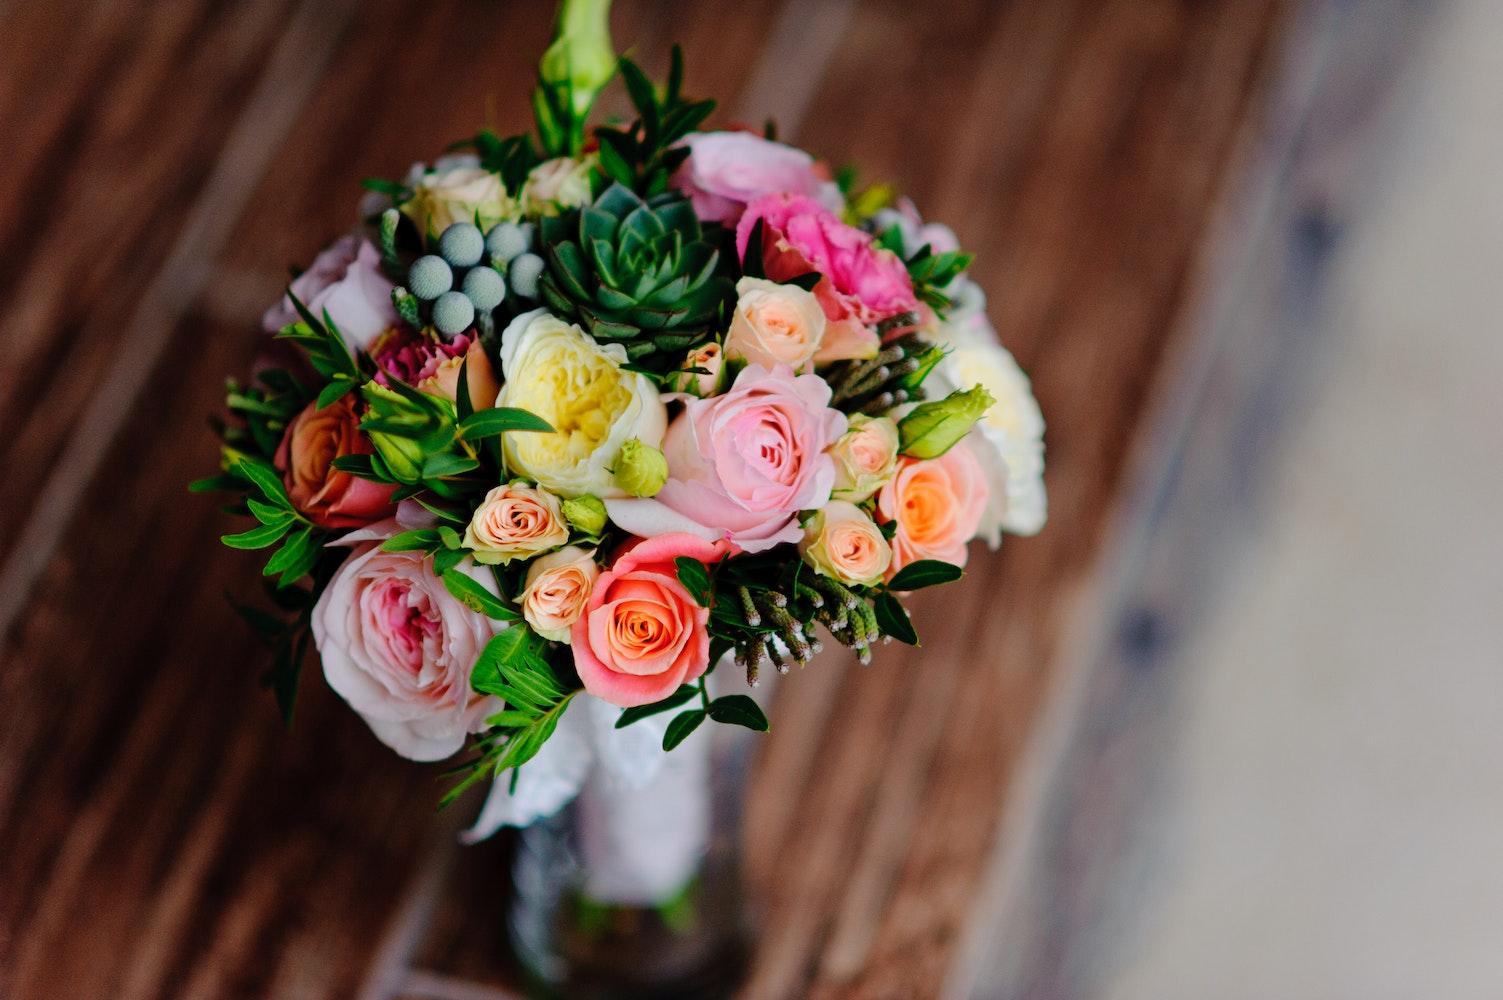 1000 Hochzeit Im Herbst Blumen Fotos Pexels Kostenlose Stock Fotos